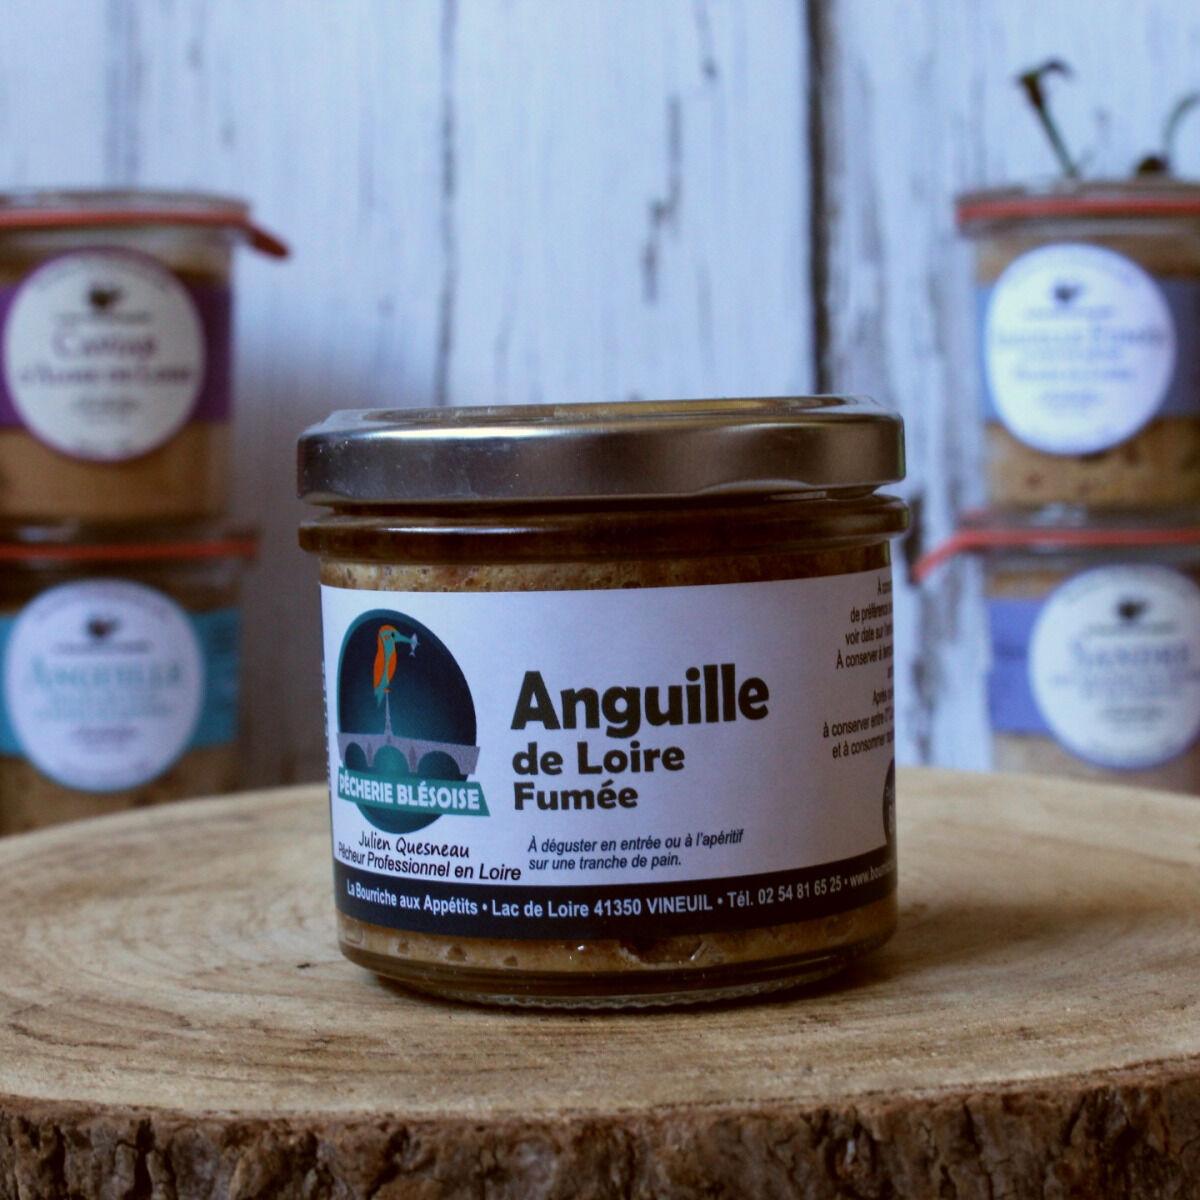 La Bourriche aux Appétits Rillettes d'anguille de Loire Fumée 80 g